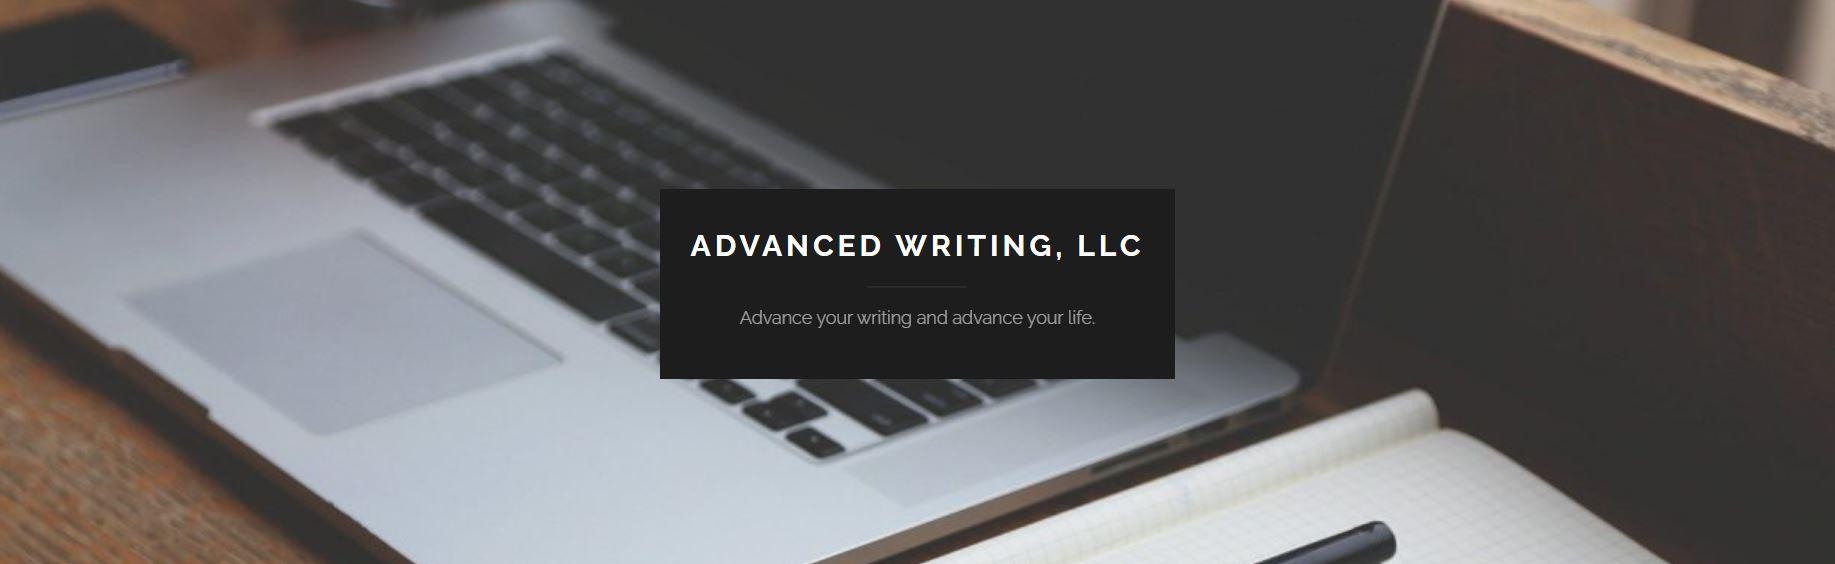 advancedwritingllc2